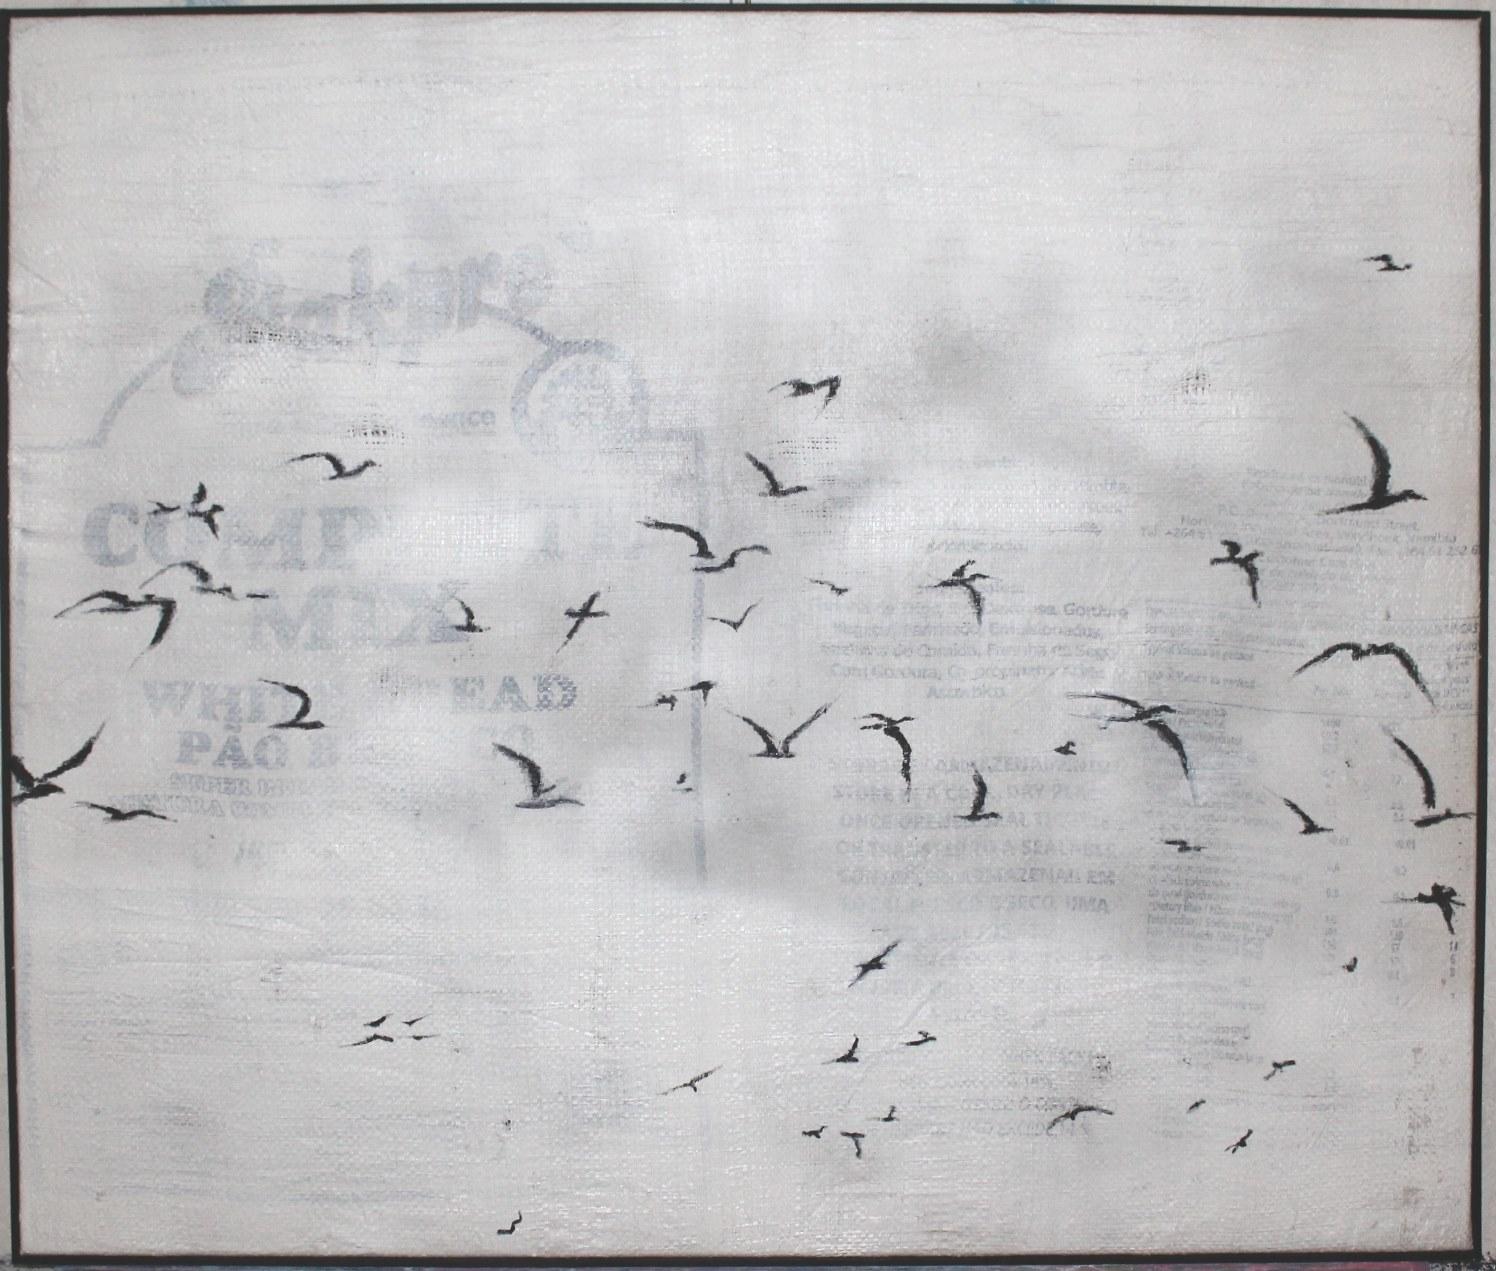 Zugvogelschwarm, 2015, Mischtechnik auf Kunststoff-Sackleinen, 80 x 95 cm